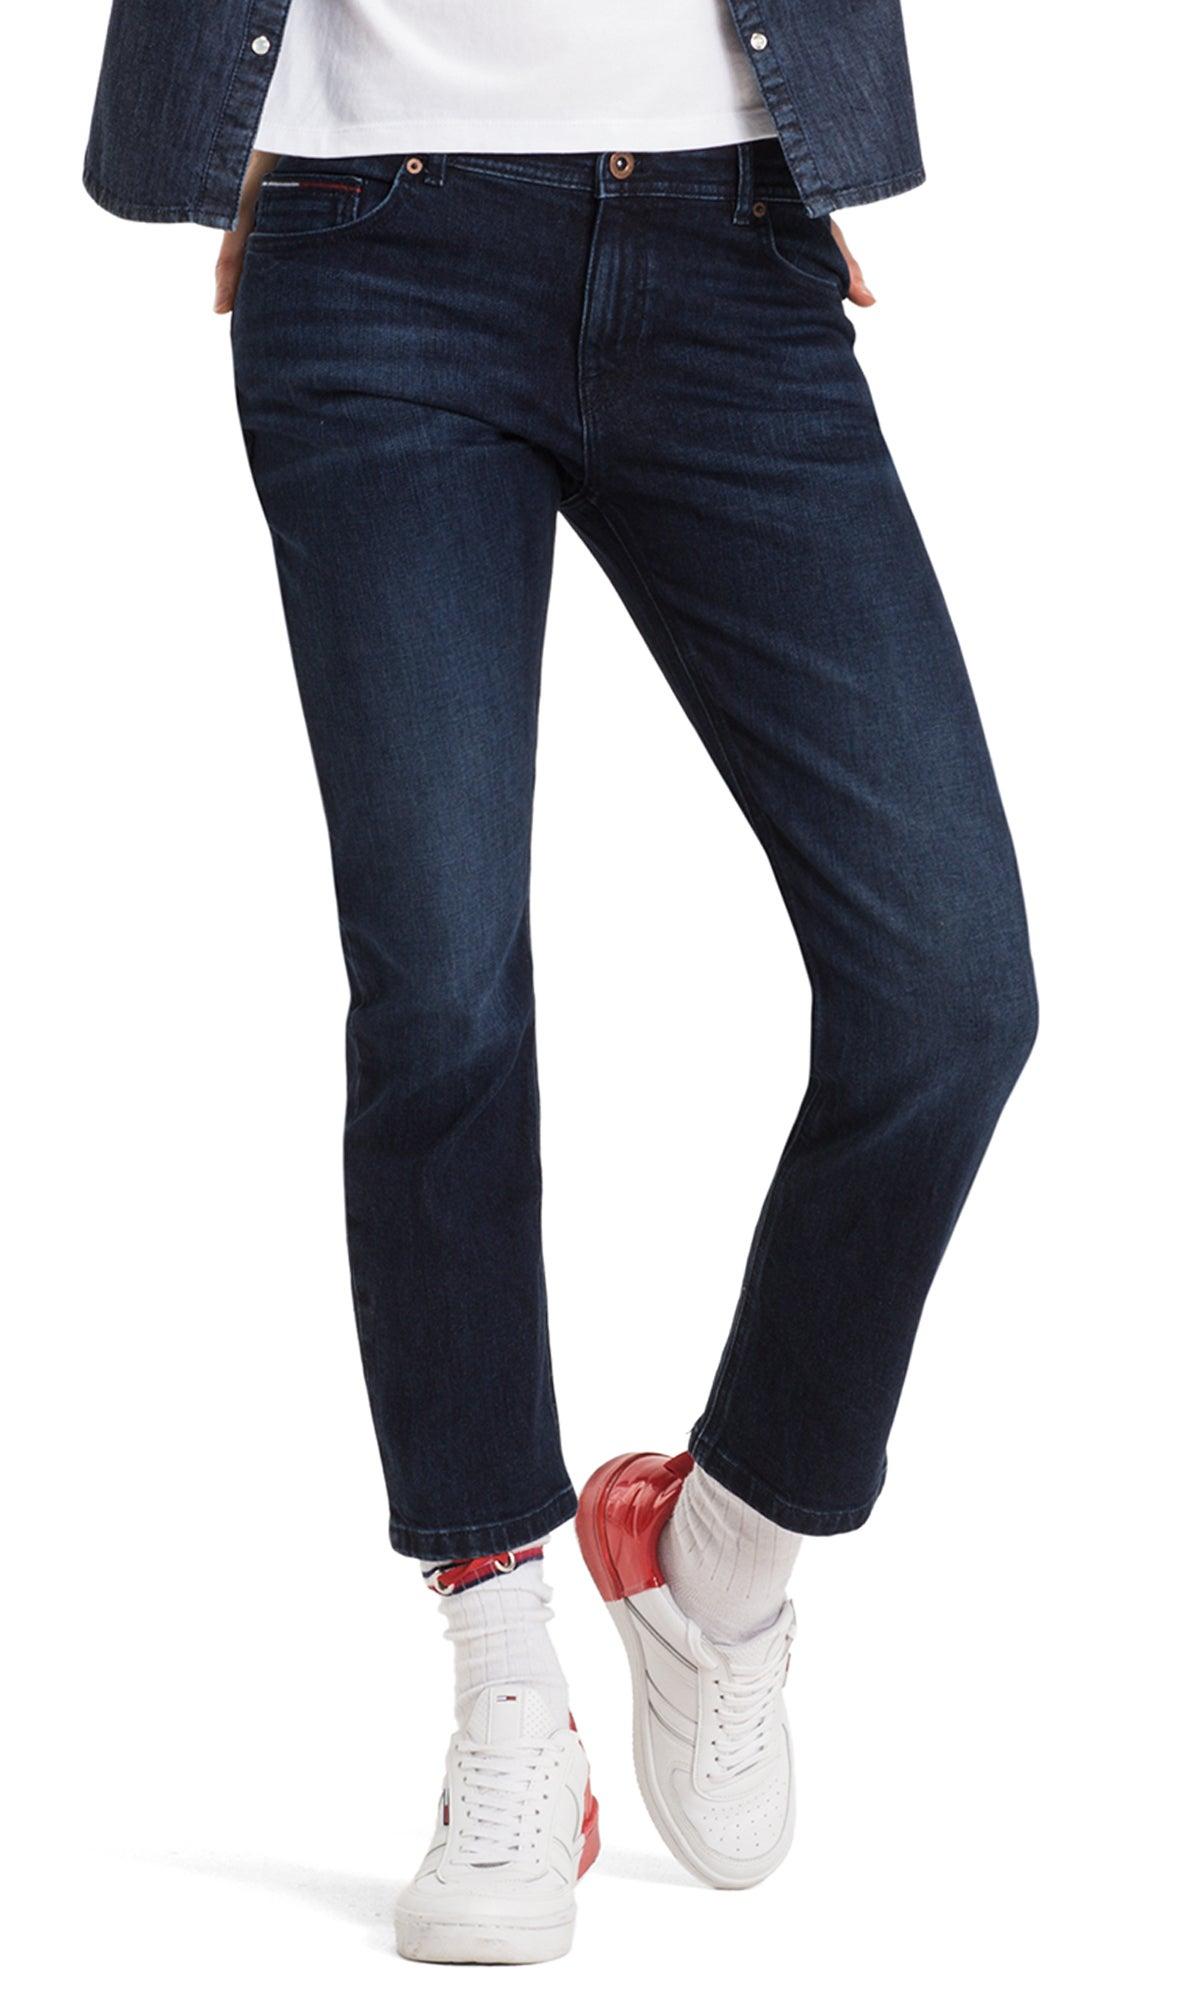 Camo skinny jeans womens australia